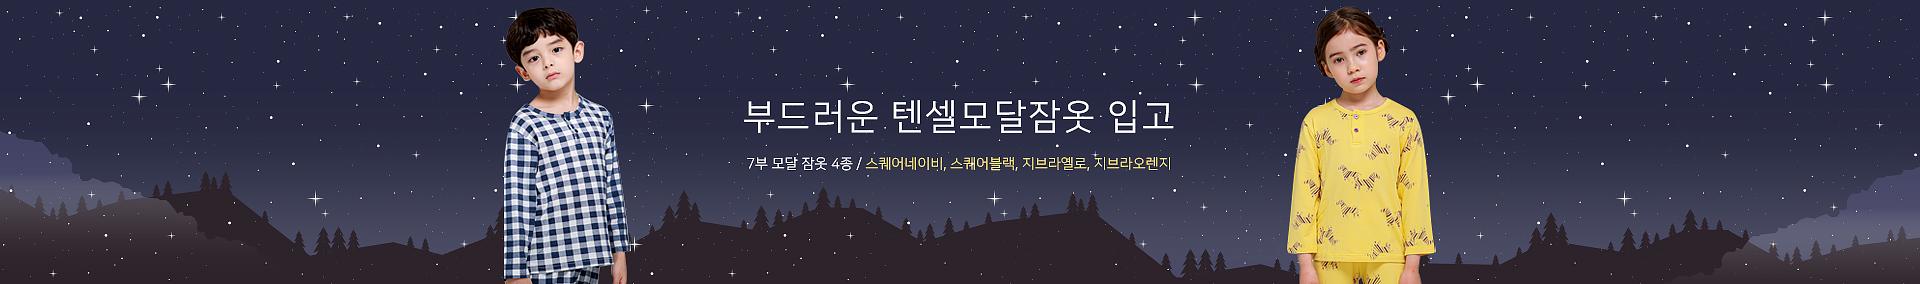 210610_line_banner.jpg